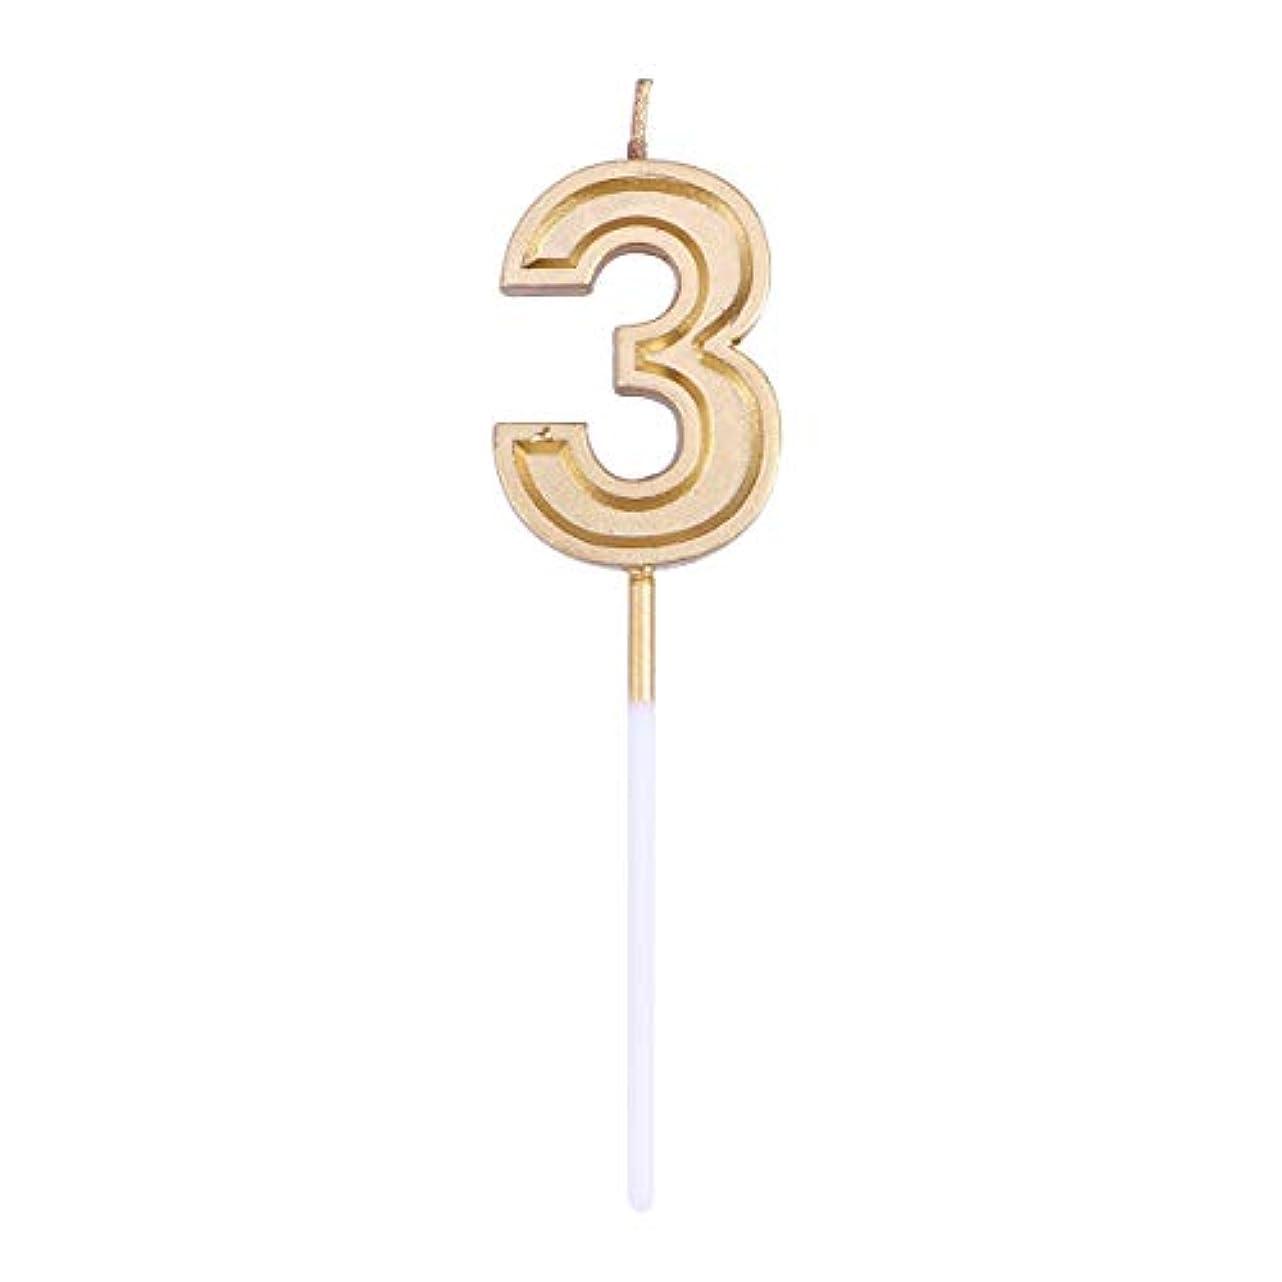 くしゃみ援助競うToyvian ゴールドラメ誕生日おめでとう数字キャンドル番号キャンドルケーキトッパー装飾用大人キッズパーティー(番号3)